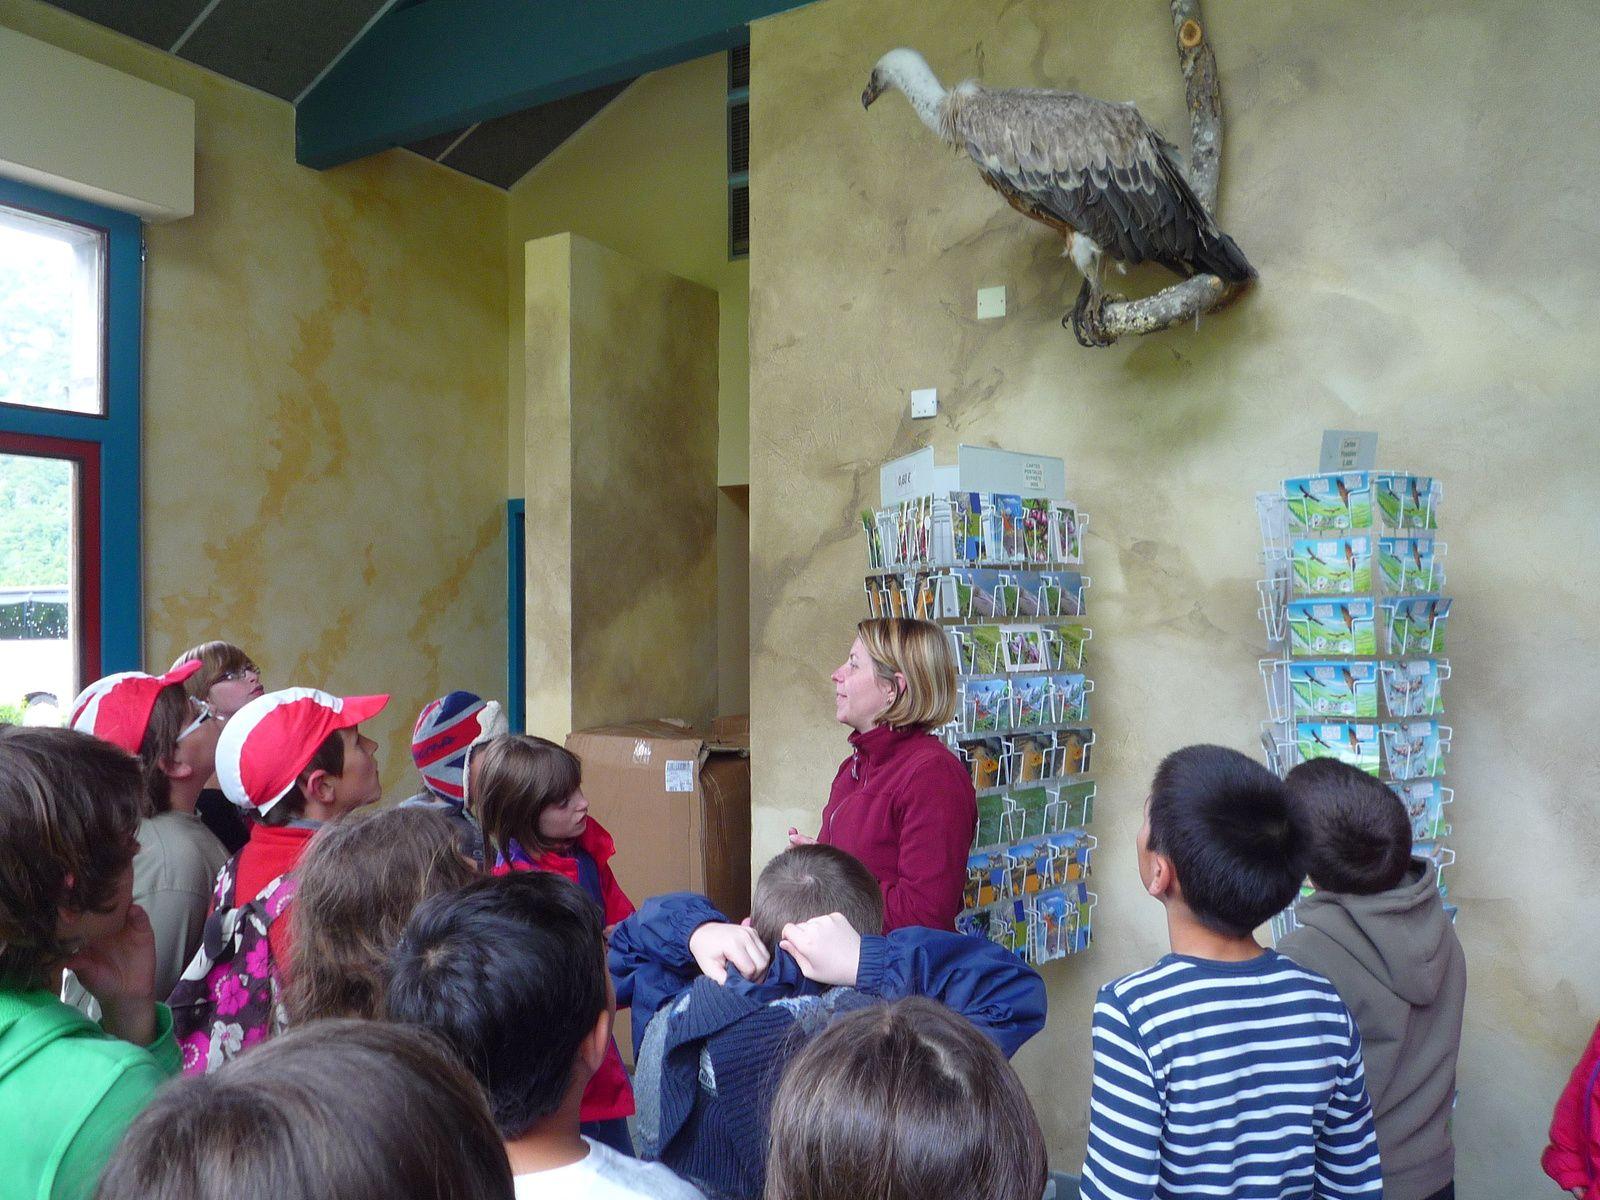 Mercredi après-midi, nous sommes à la falaise aux vautours pour évoluer dans un musée interactif passionnant où nous découvrons cet animal si important pour l'équilibre de la nature et pour la biodiversité, juste au-dessus de nos têtes. Grâce à des caméras installées au pied de leurs nid, nous suivons en direct, depuis le musée leurs déplacement et les suivons avec des jumelles en plus des nombreux jeux interactifs nous faisant mieux connaître les différents rapaces que nous observons tout au long de nos randos.